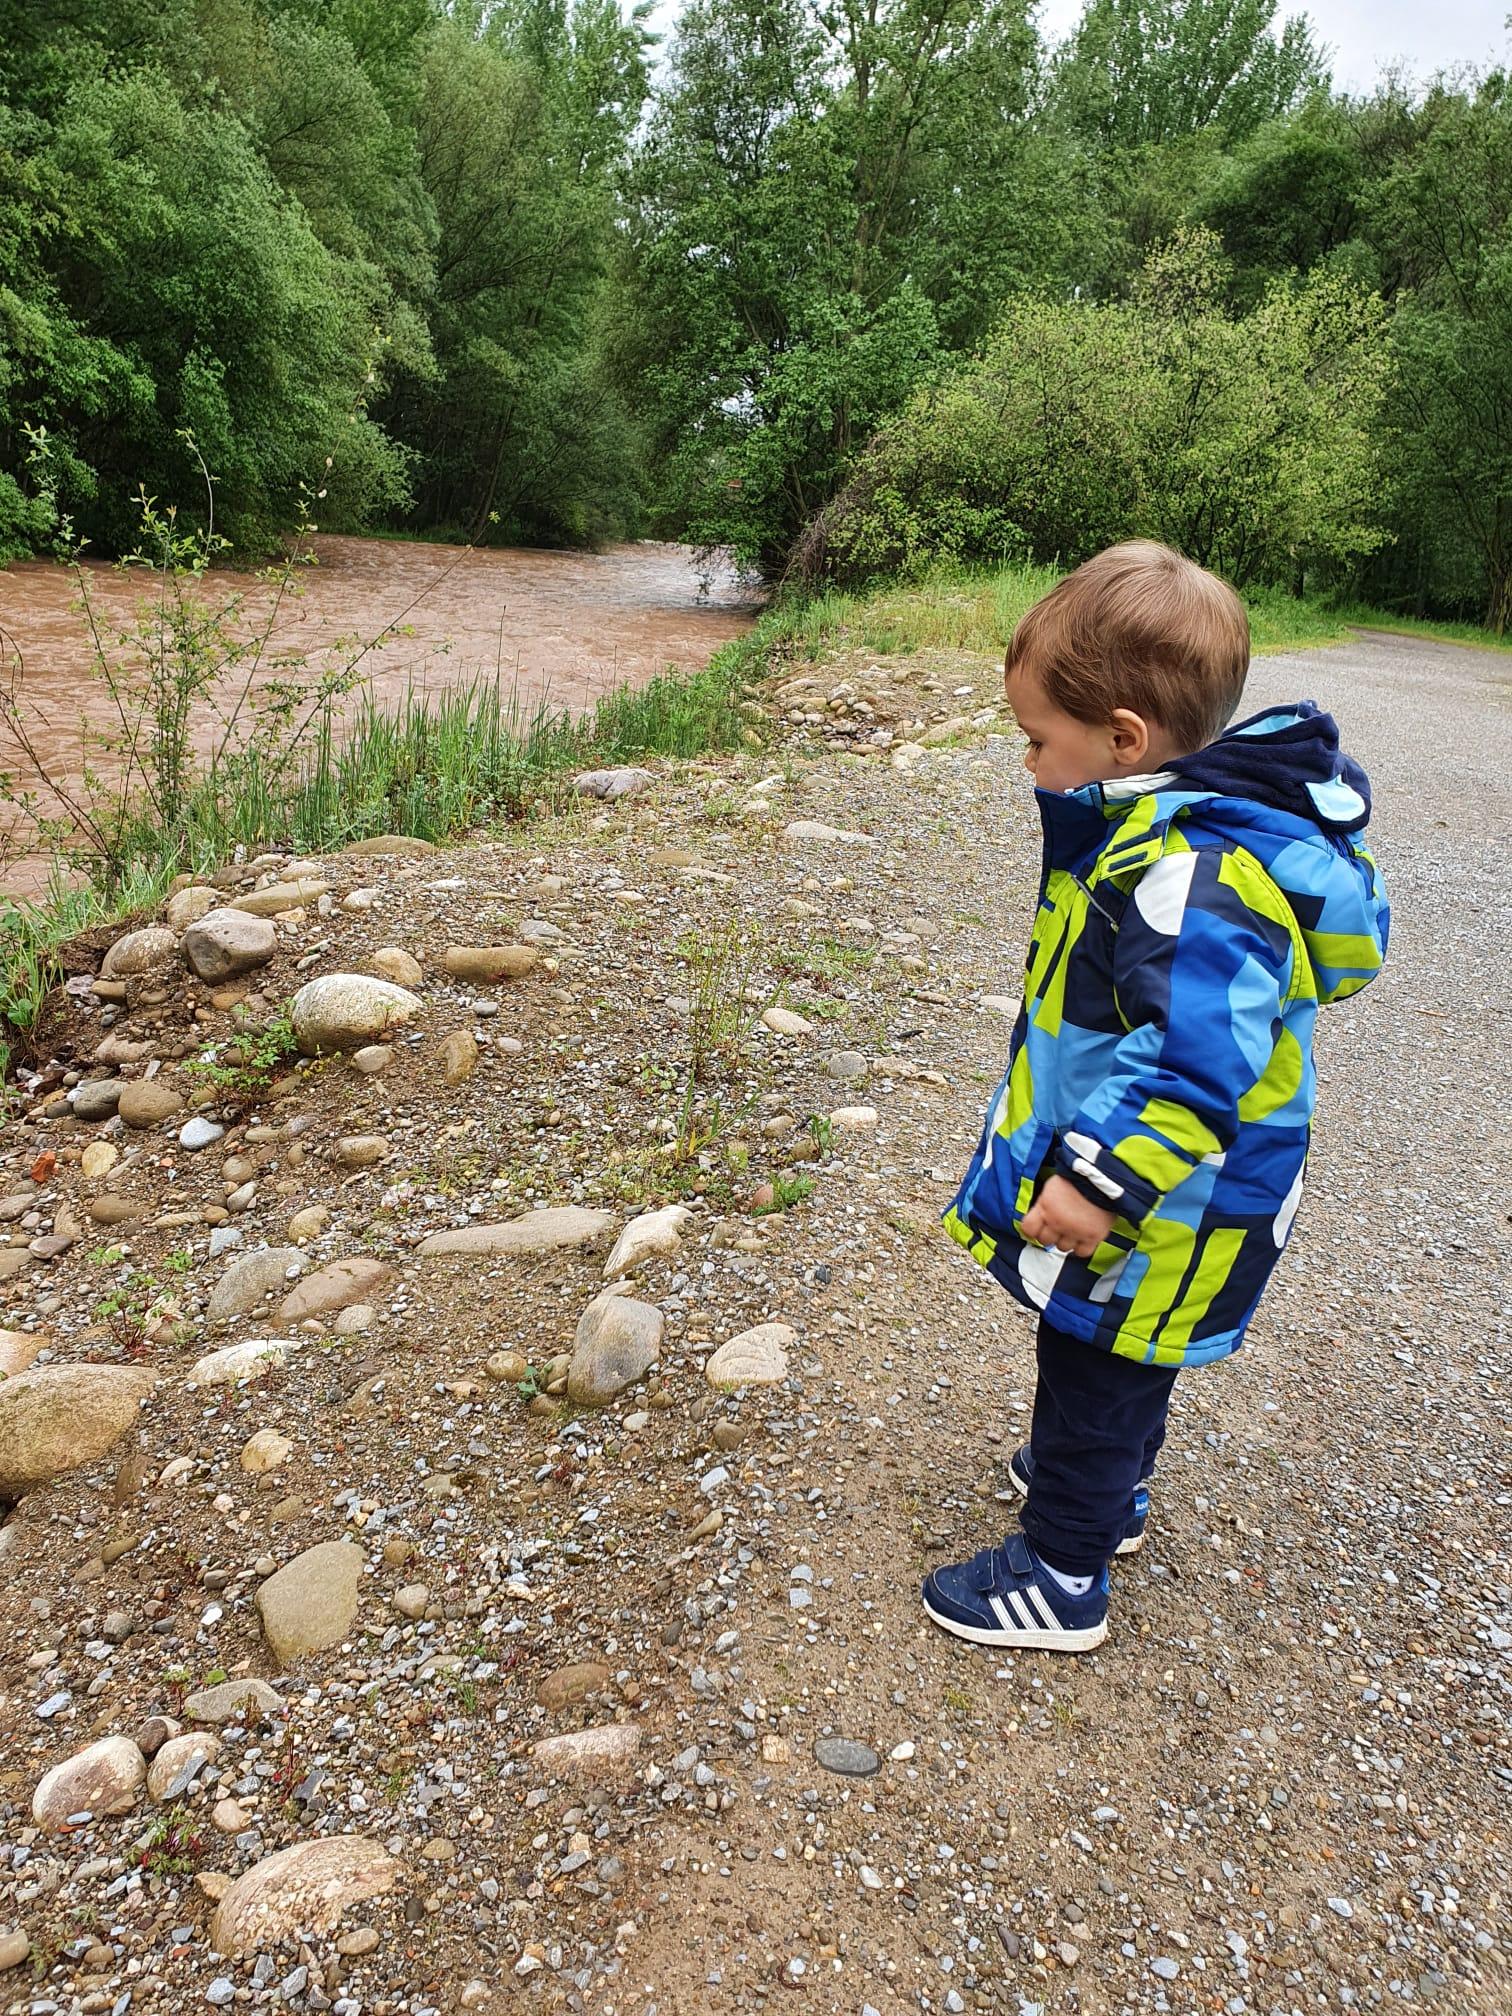 Que ganas tenía de ir al río a tirar piedras!!!